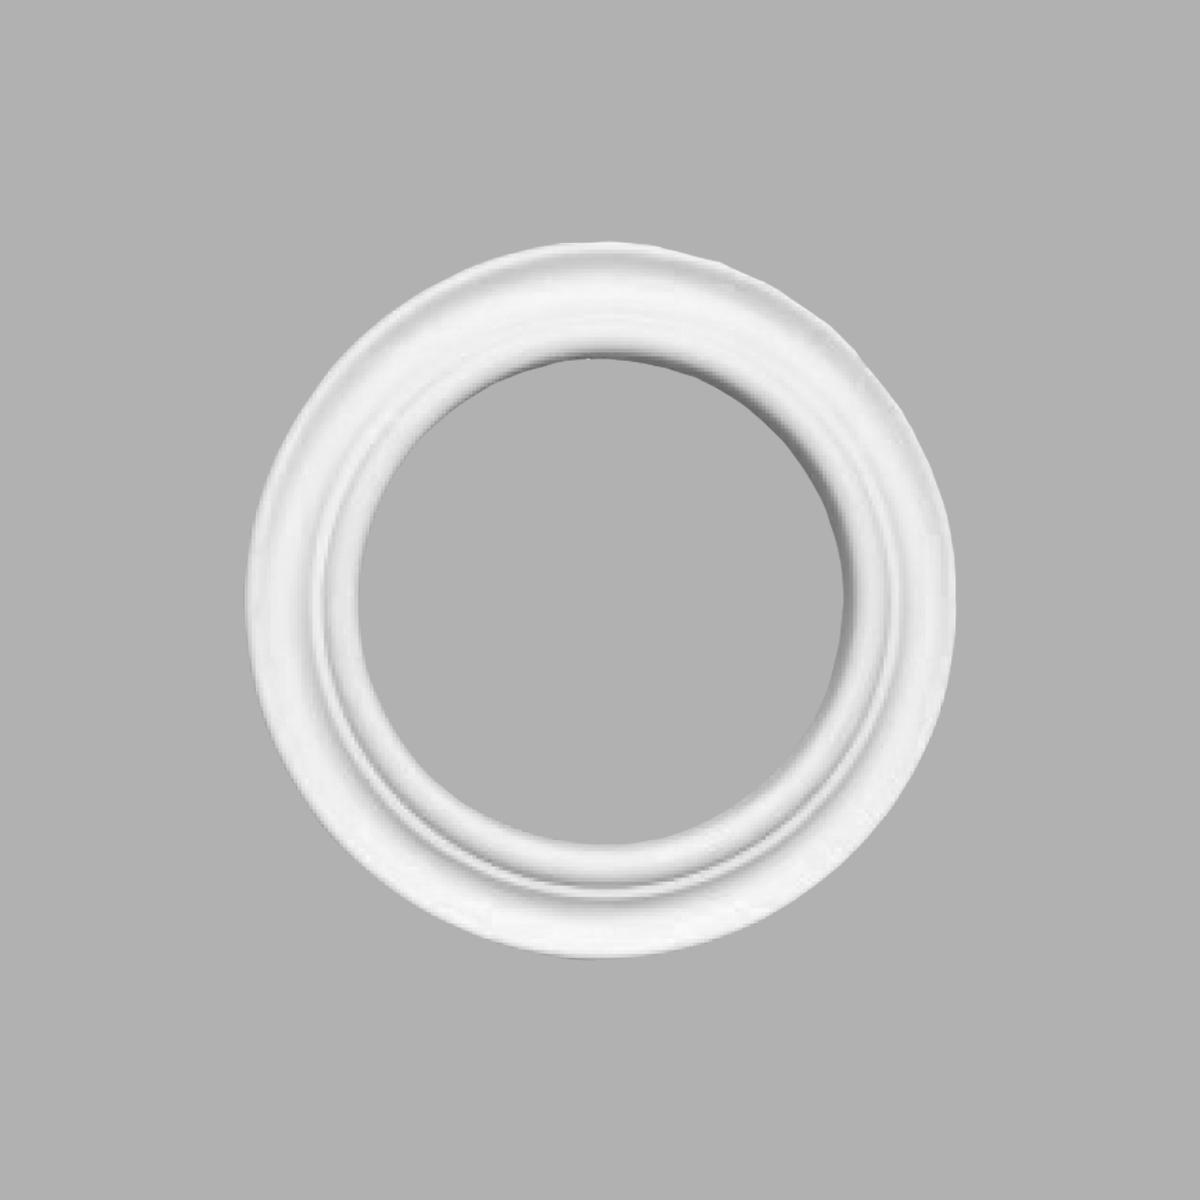 80205 ШК/60 розетка DECOMASTER-3 (внешний диаметр 215мм, внутренний -140мм)